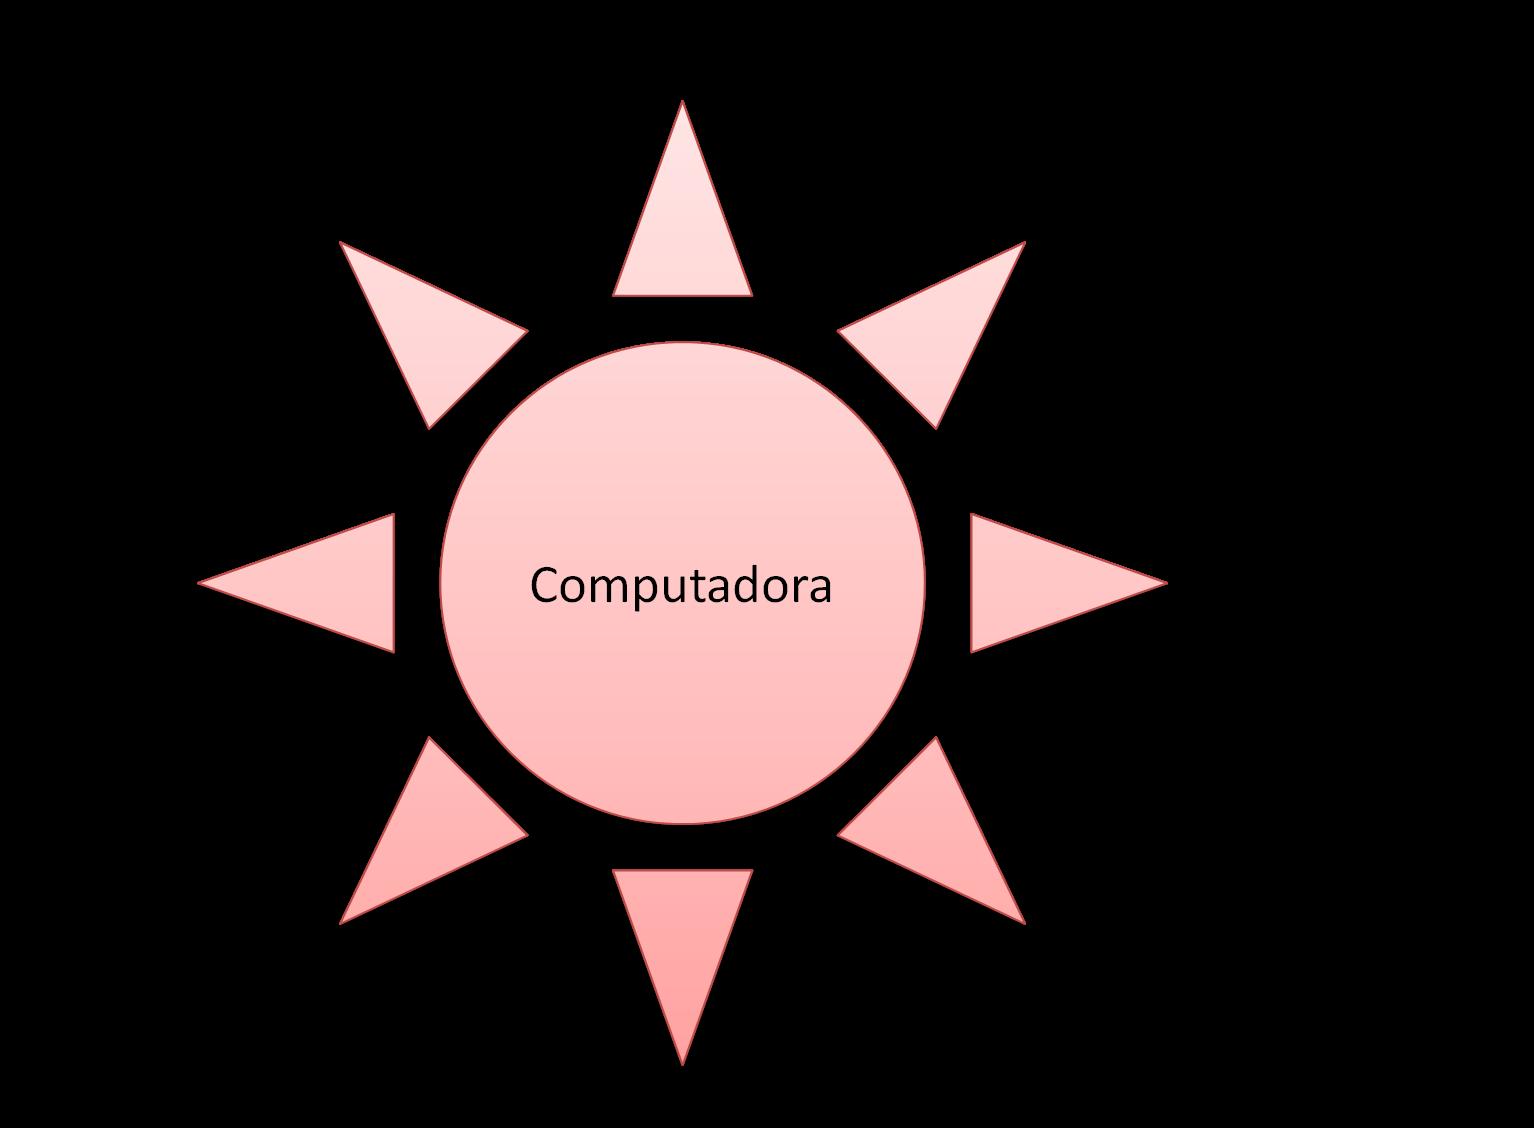 Herramientas de aprendizaje aut nomo 4 1 mapa cognitivo for Como llegar puerta del sol